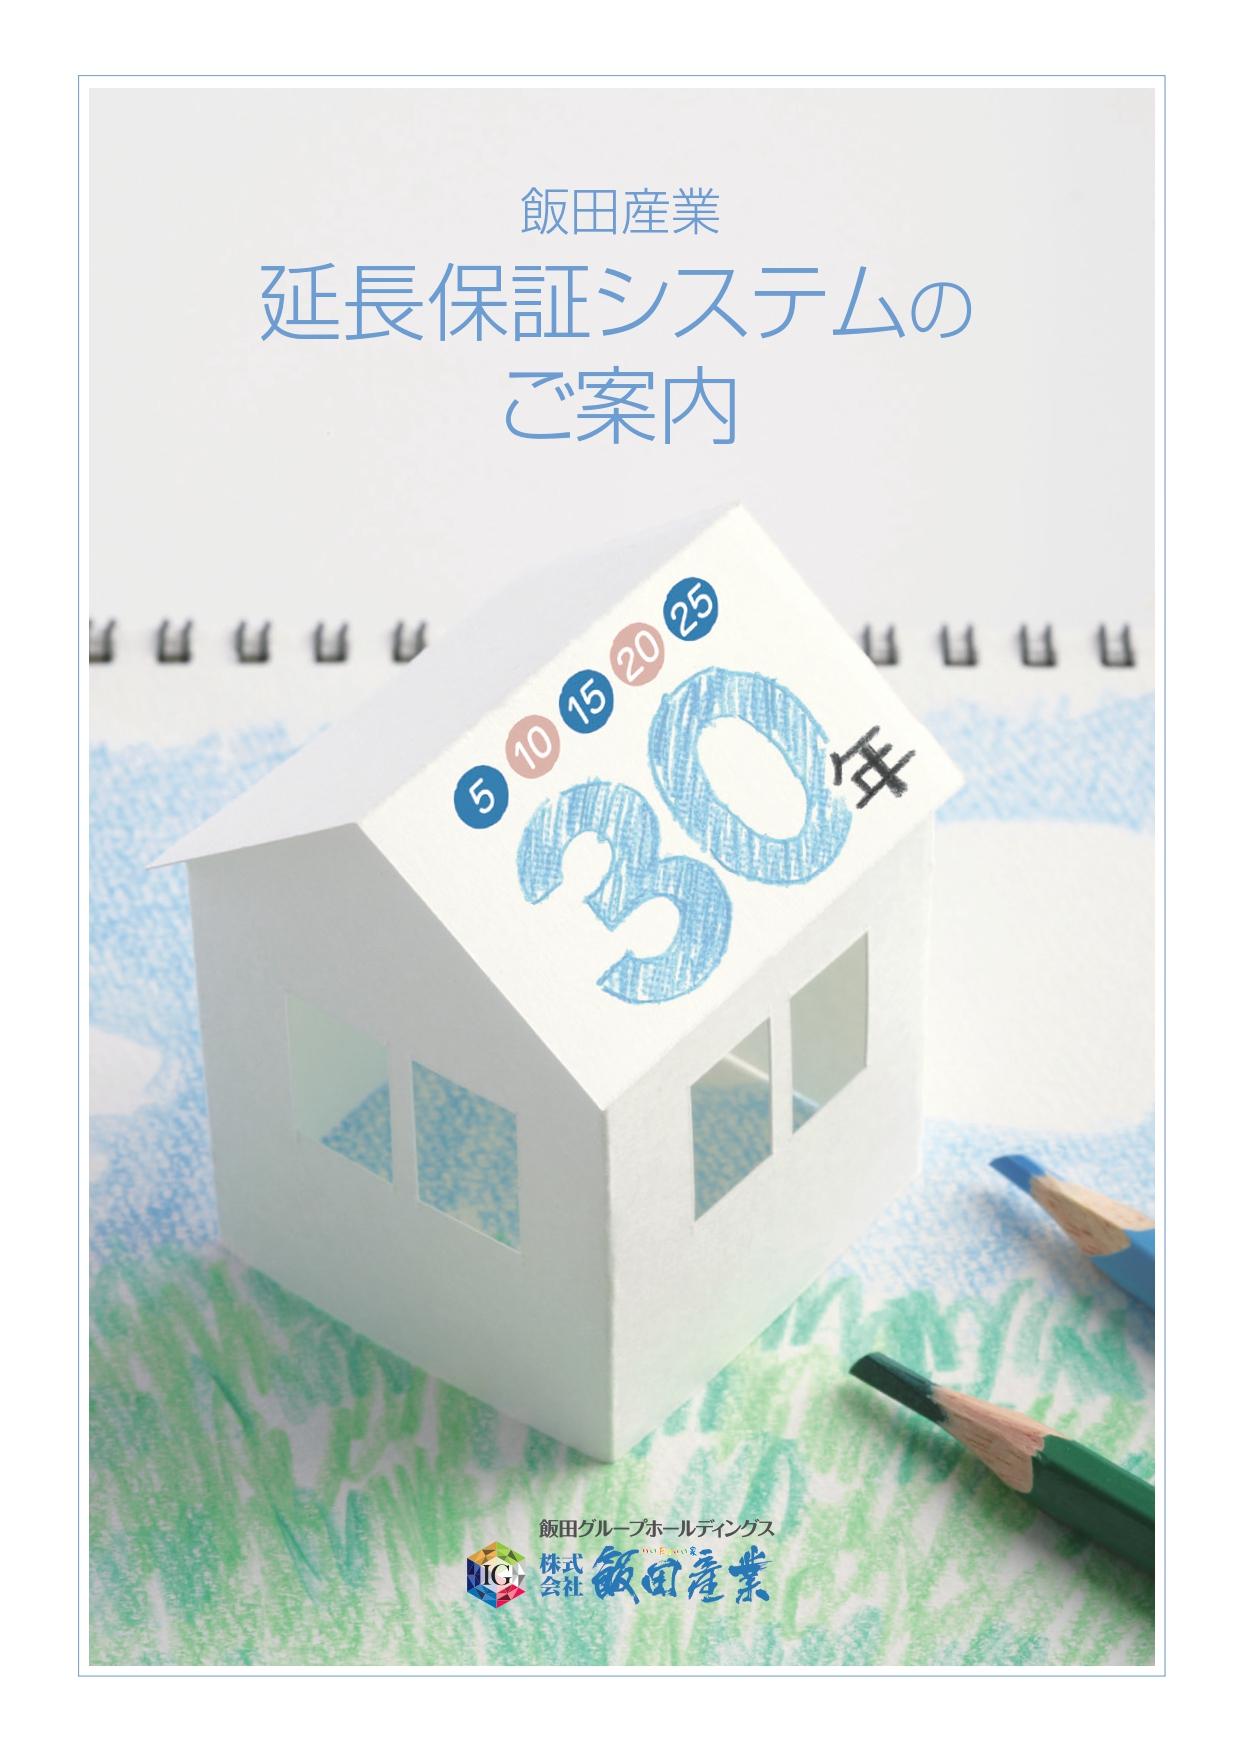 飯田産業 保証延長システム